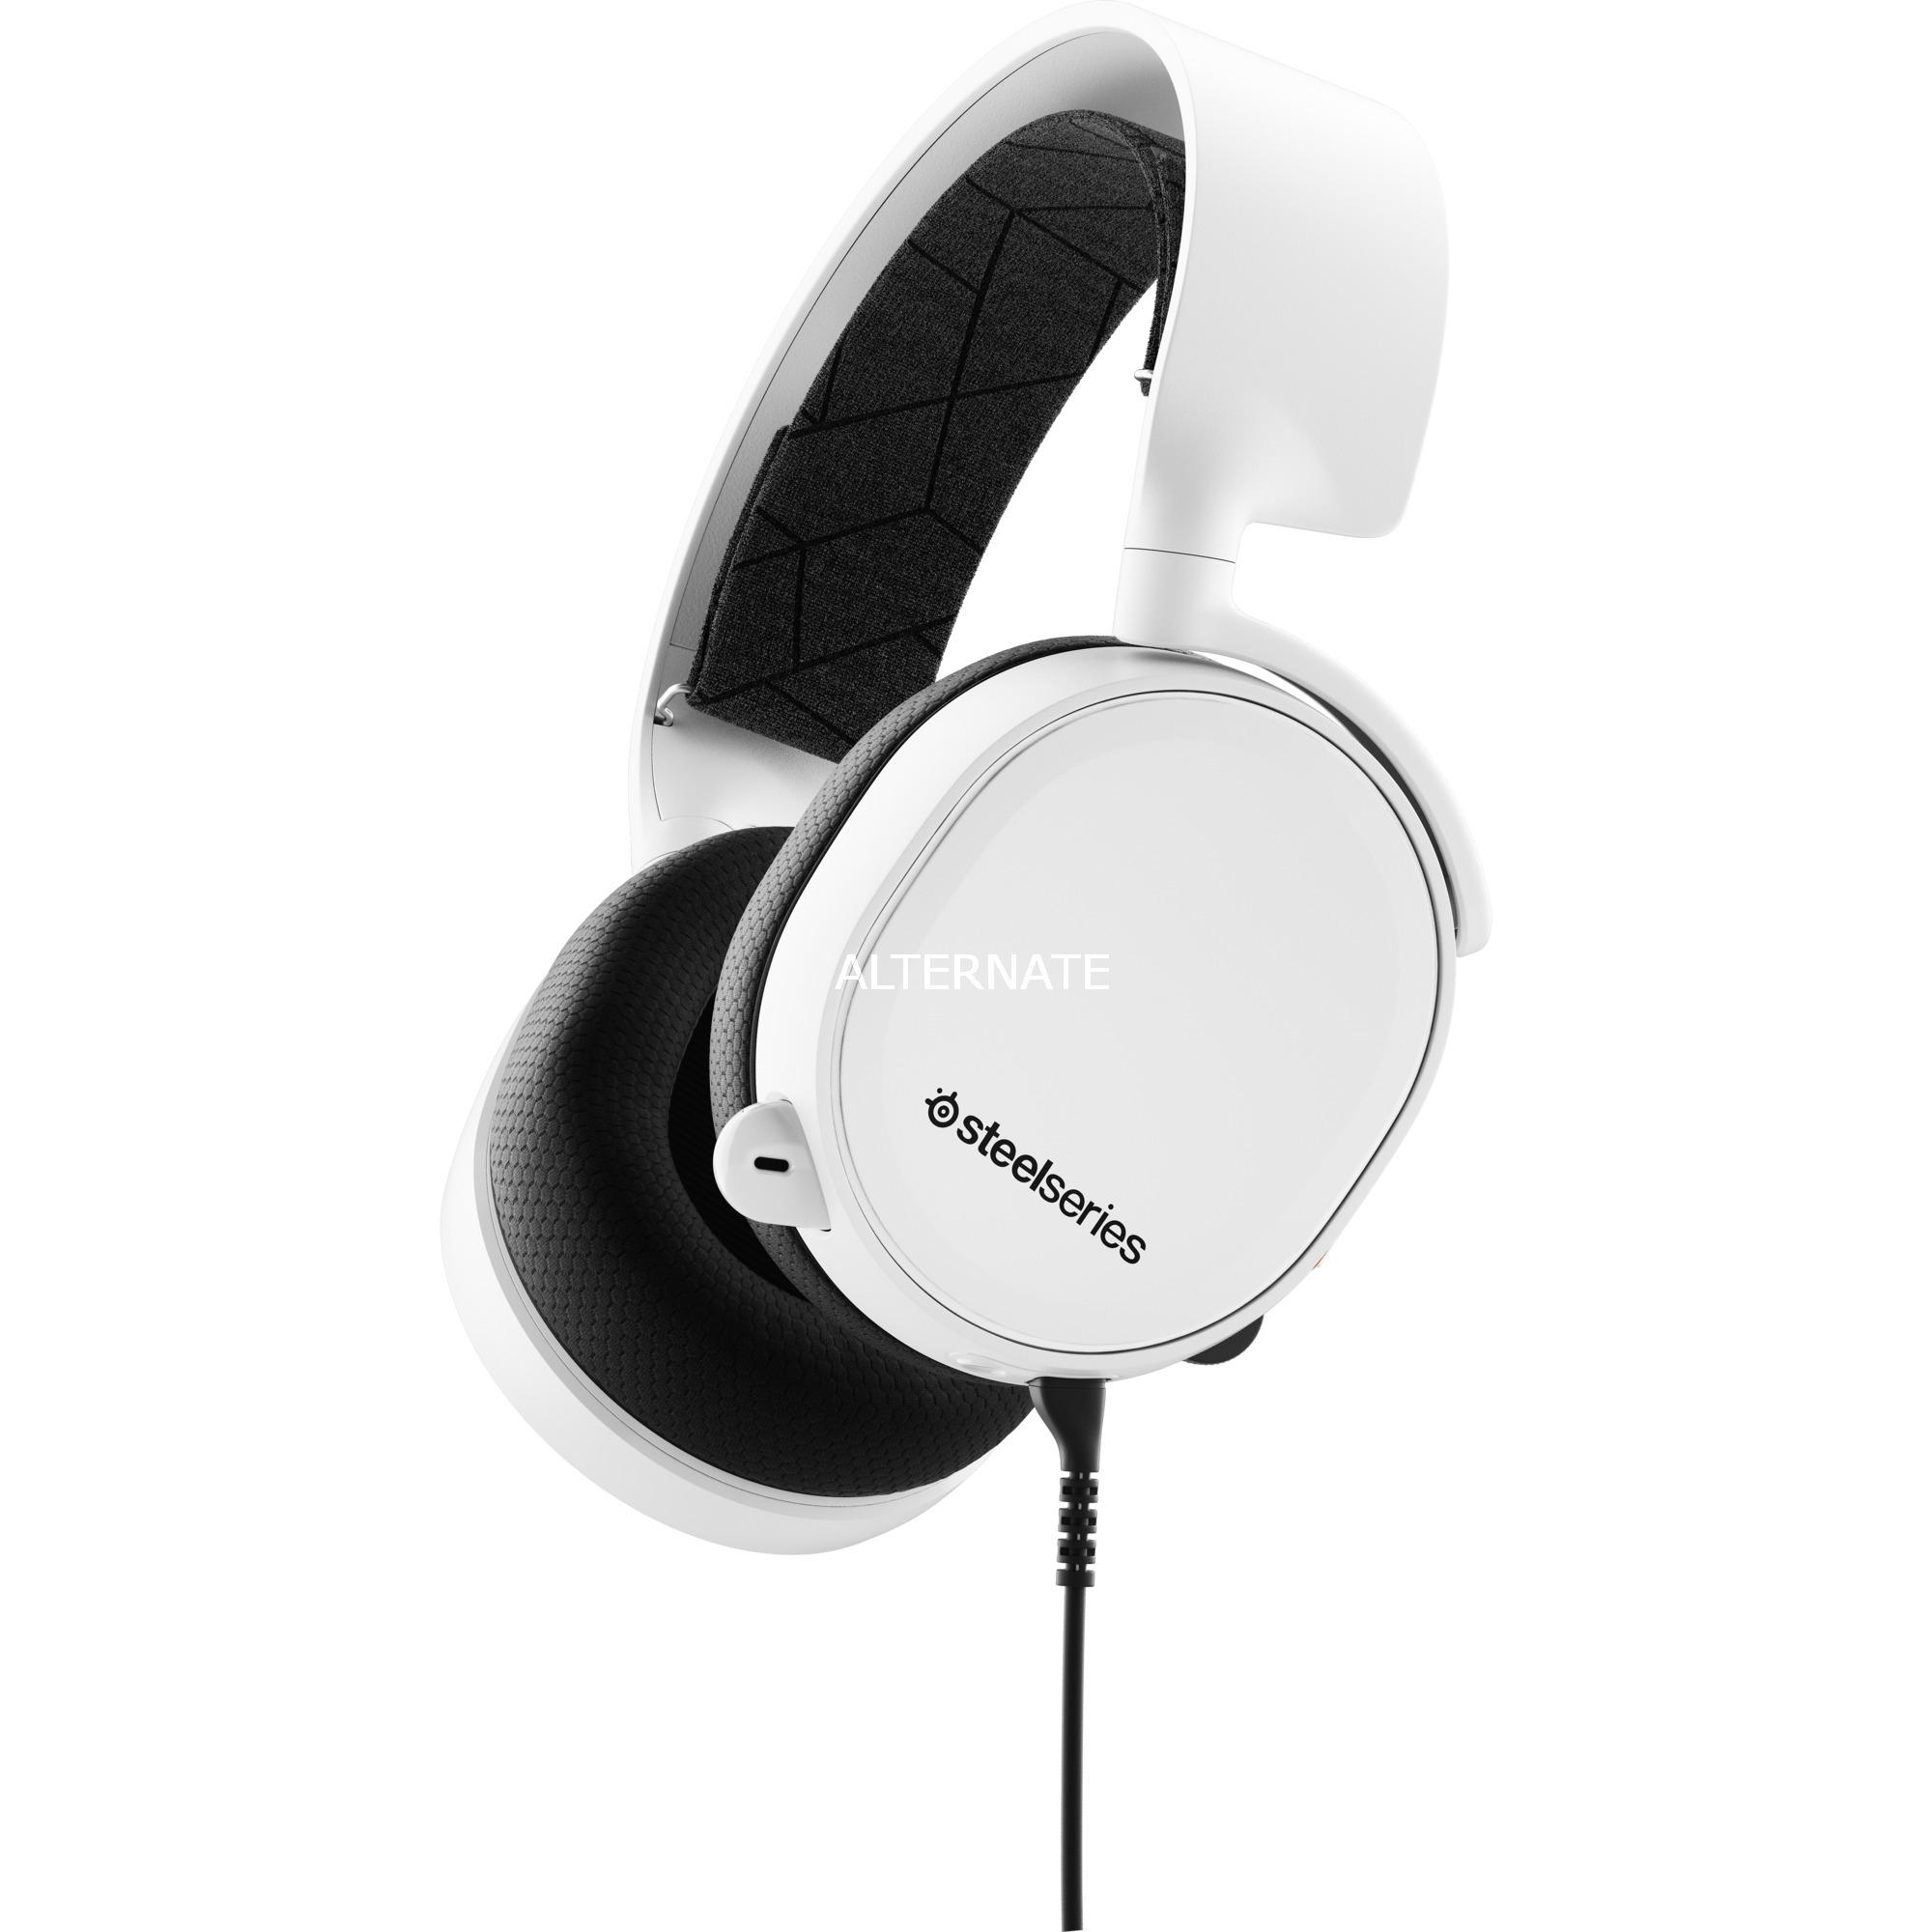 Arctis 3 auricular con micrófono Diadema Binaural Negro, Blanco, Auriculares con micrófono